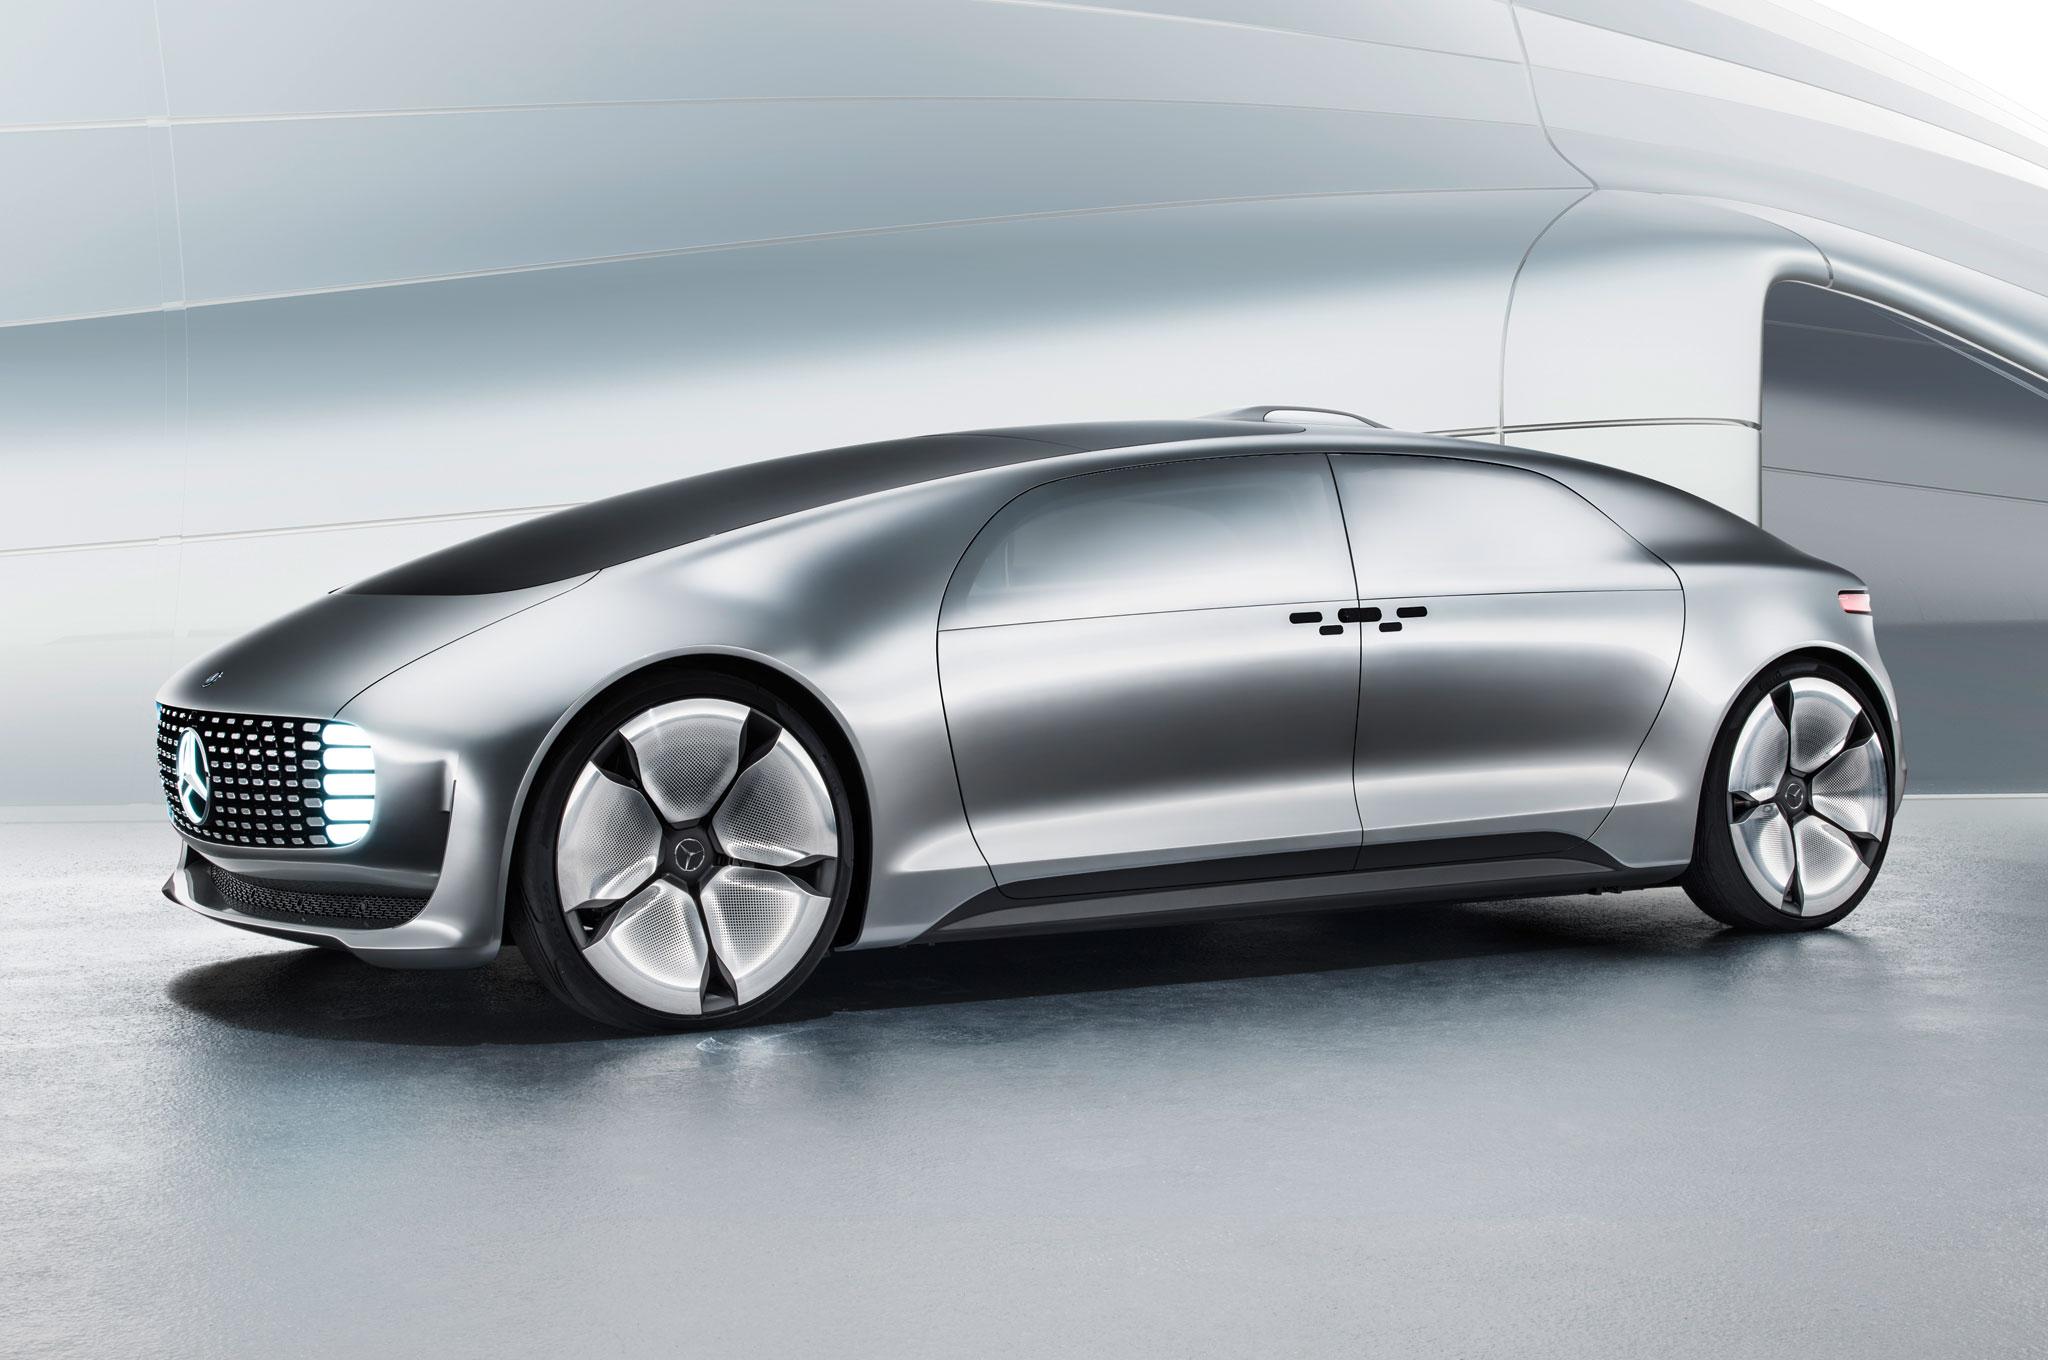 Mercedes Benz F 015 Luxury In Motion Autonomous Concept Debuts At Ces 2007 Pt Cruiser 2 7l Engine Diagram 7 28